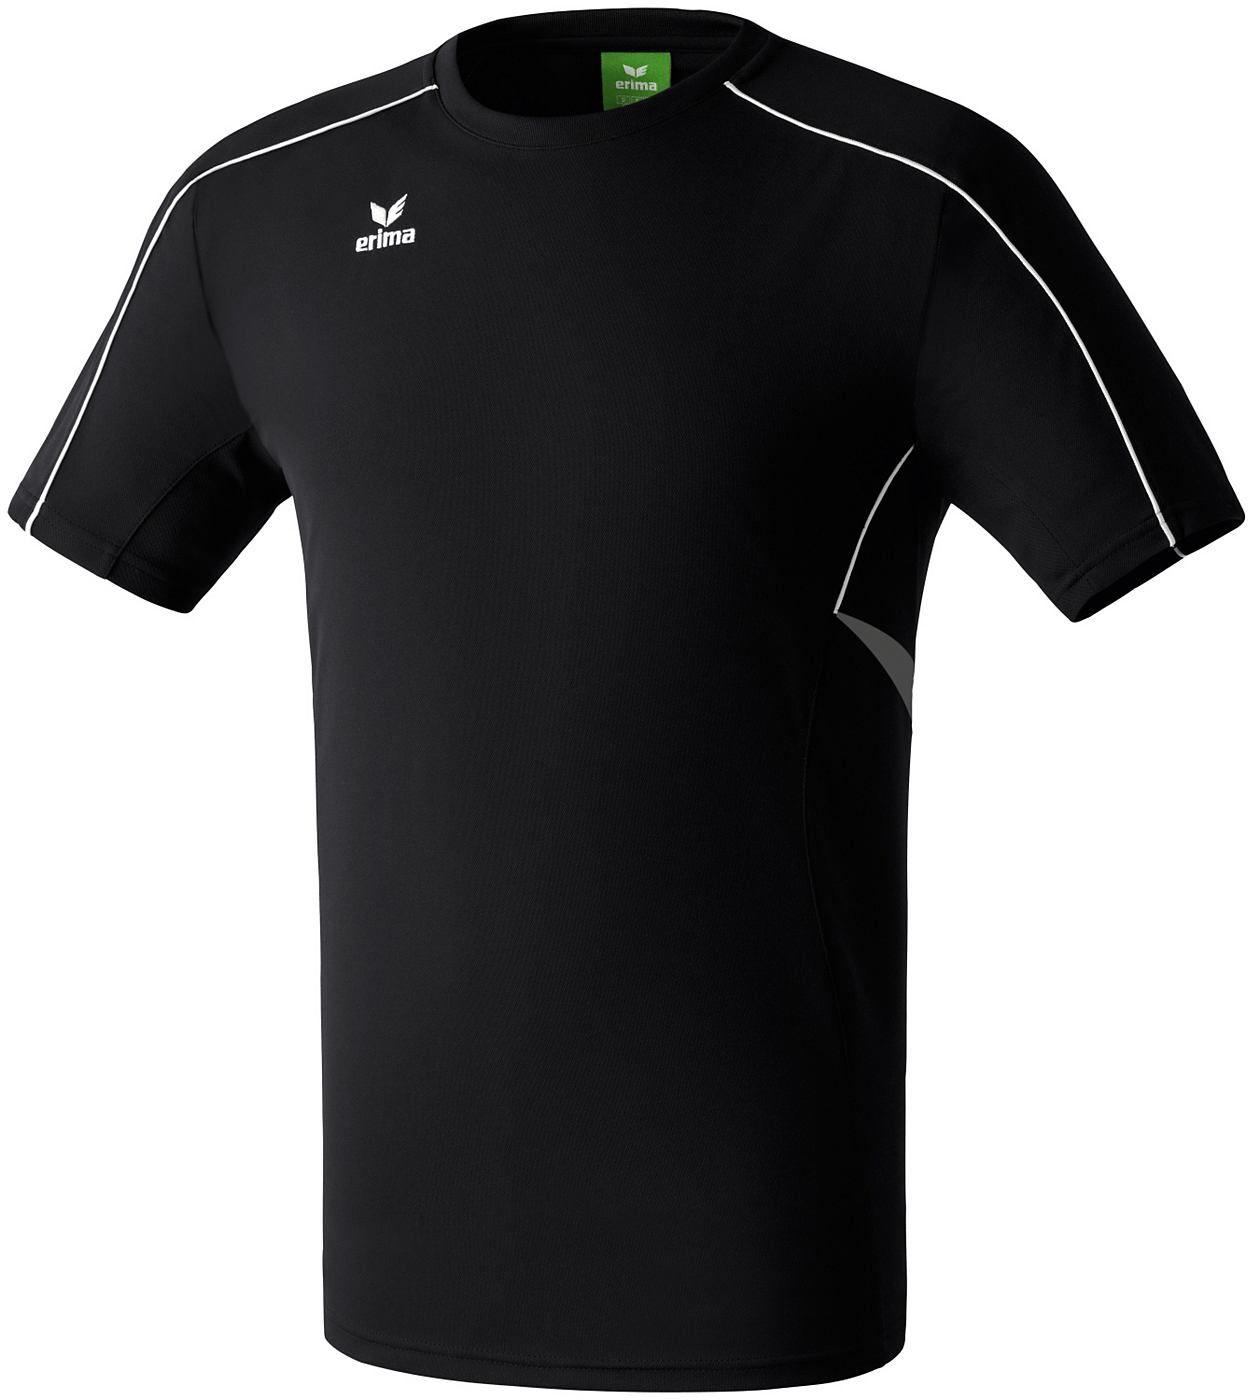 Gold Medal T-Shirt Kinder    Mit unserem hochfunktionellen GOLD MEDAL T-Shirt bist Du bestens für Sport und Freizeit ausgerüstet.    - schnell trocknendes Funktionspolyester  - funktionelle Polyester-Mesh-Einsätze unterm Arm  - geruchshemmende Wirkung durch SILVER+ Technologie  - STAY COOL: Kombination aus UV-Schutz und Kühleffekt    VENTILATION - Funktion: Die aktive Belüftung bewirkt einen op...